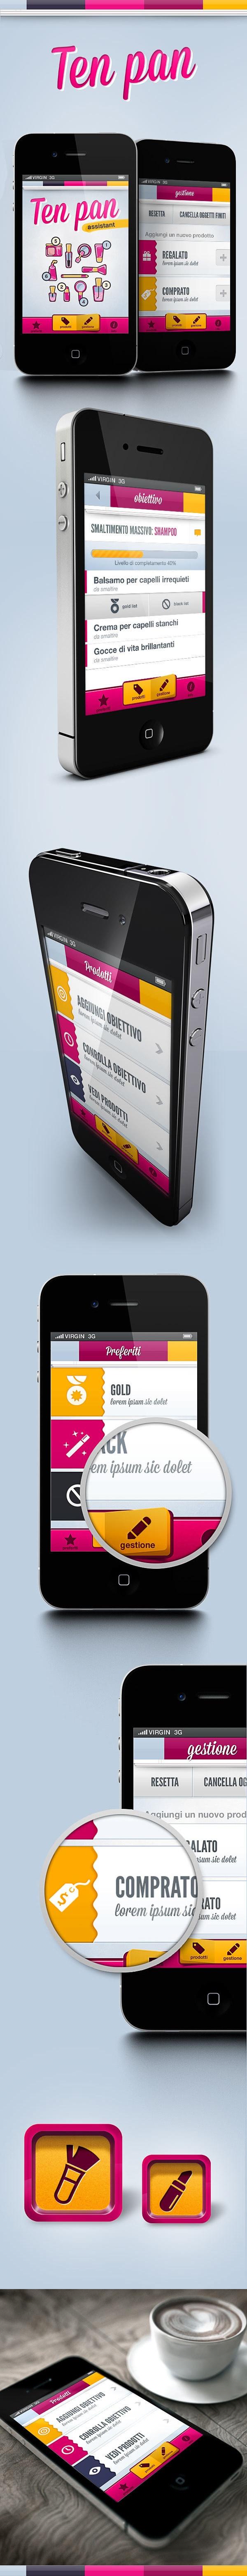 Ten Pan App - Mobile ui for Ten Pan Project by Gaia Zuccaro, via Behance